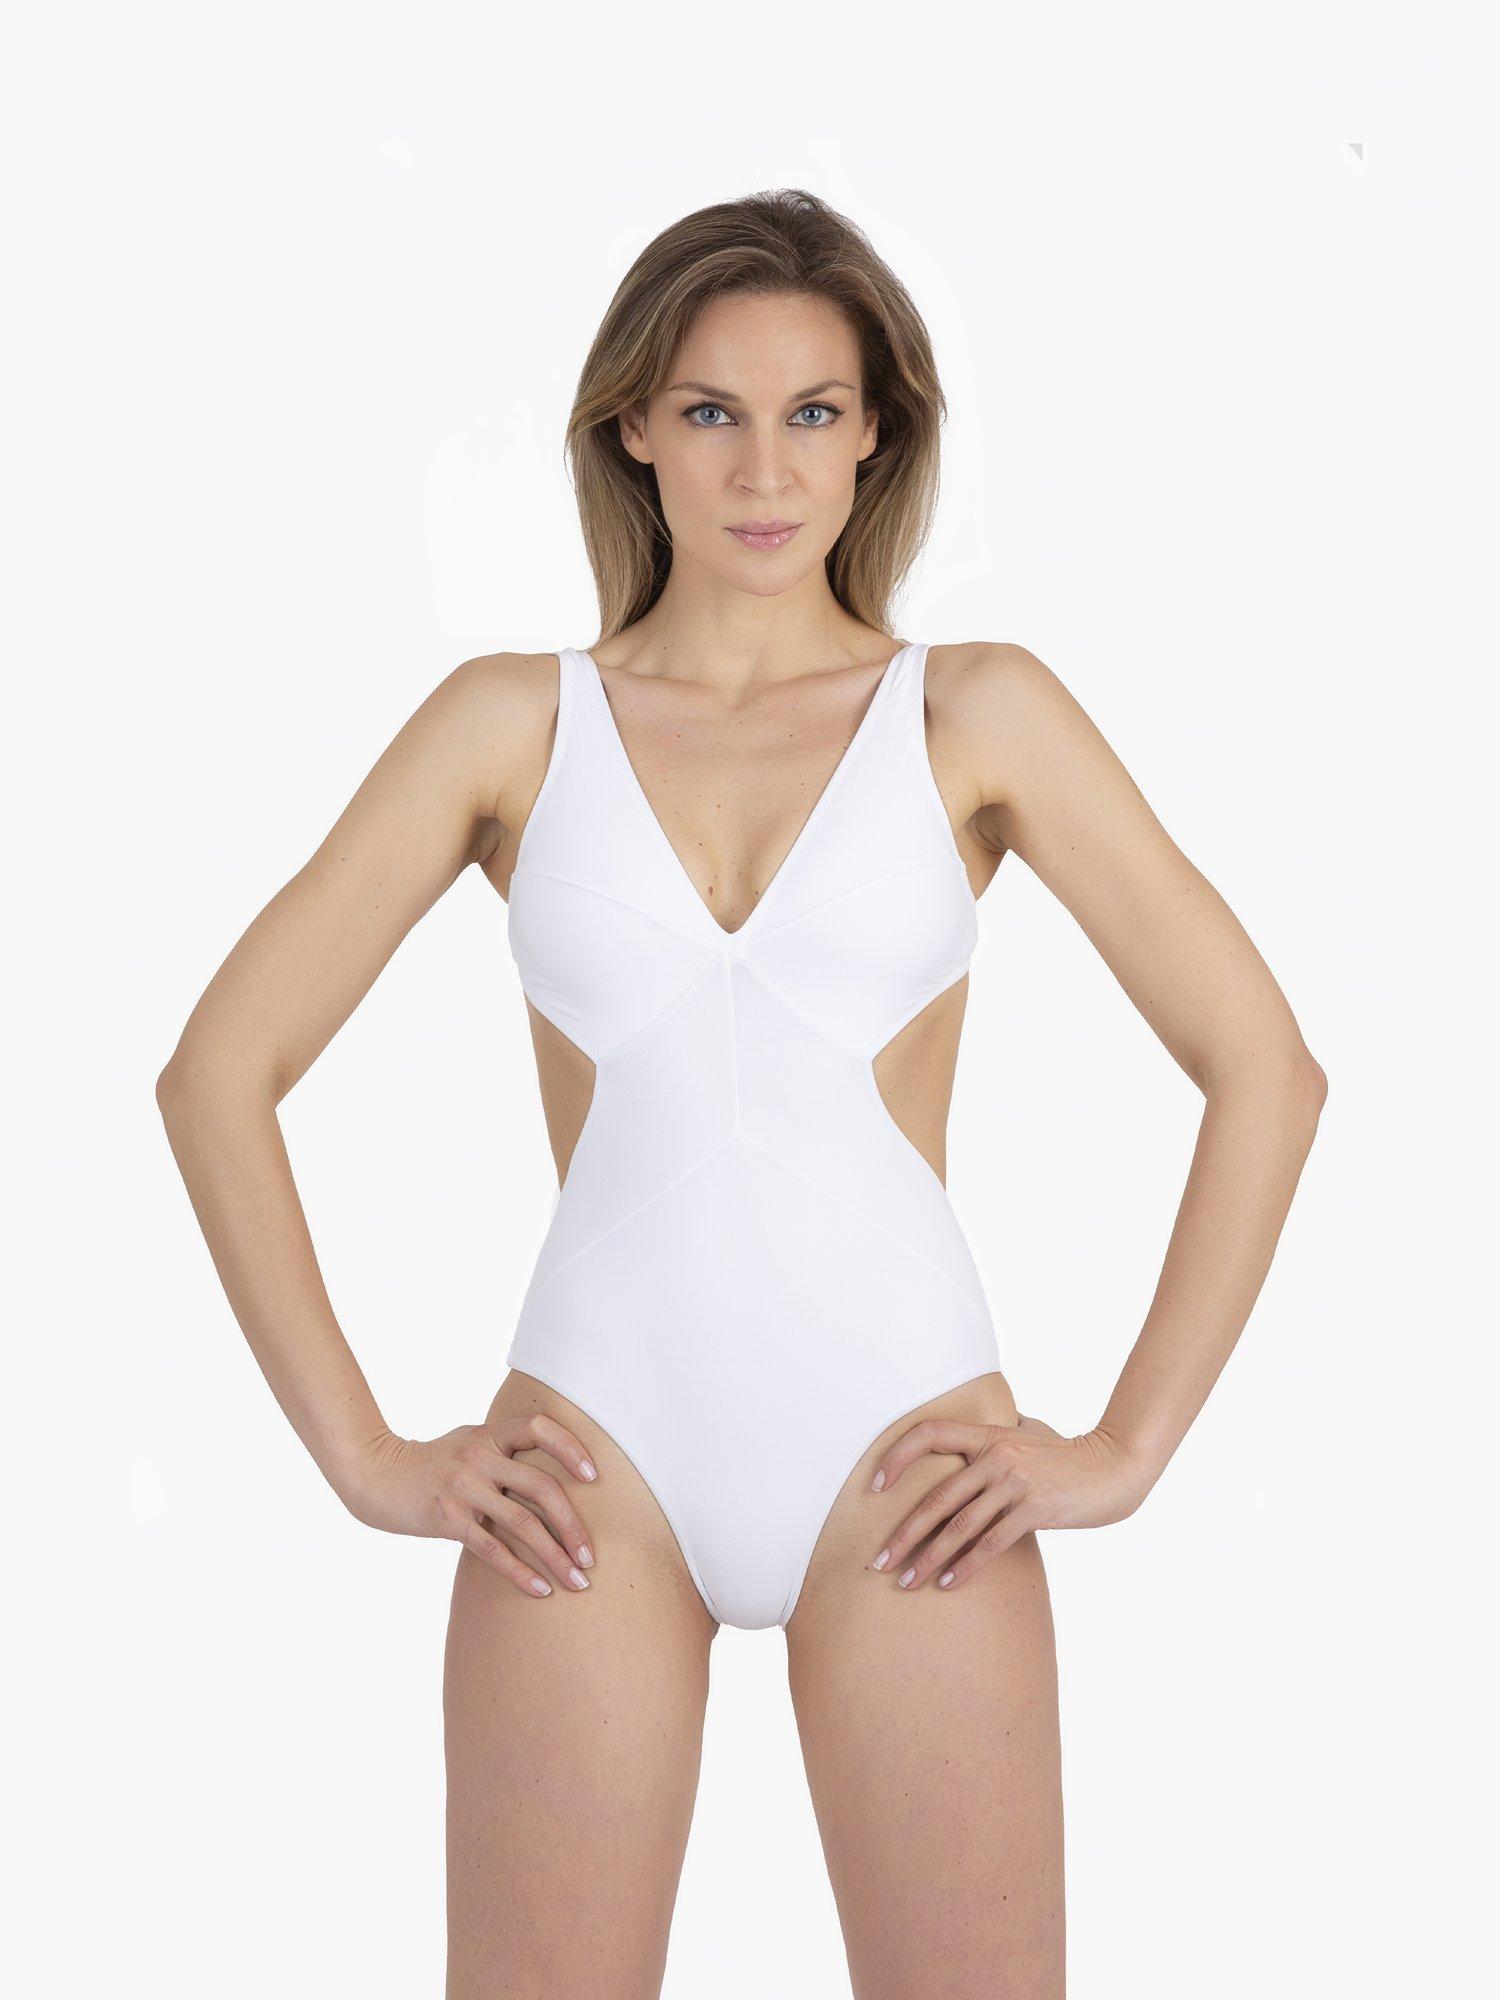 COSTUME INTERO MODELLO FARFALLA - Bianco White 001